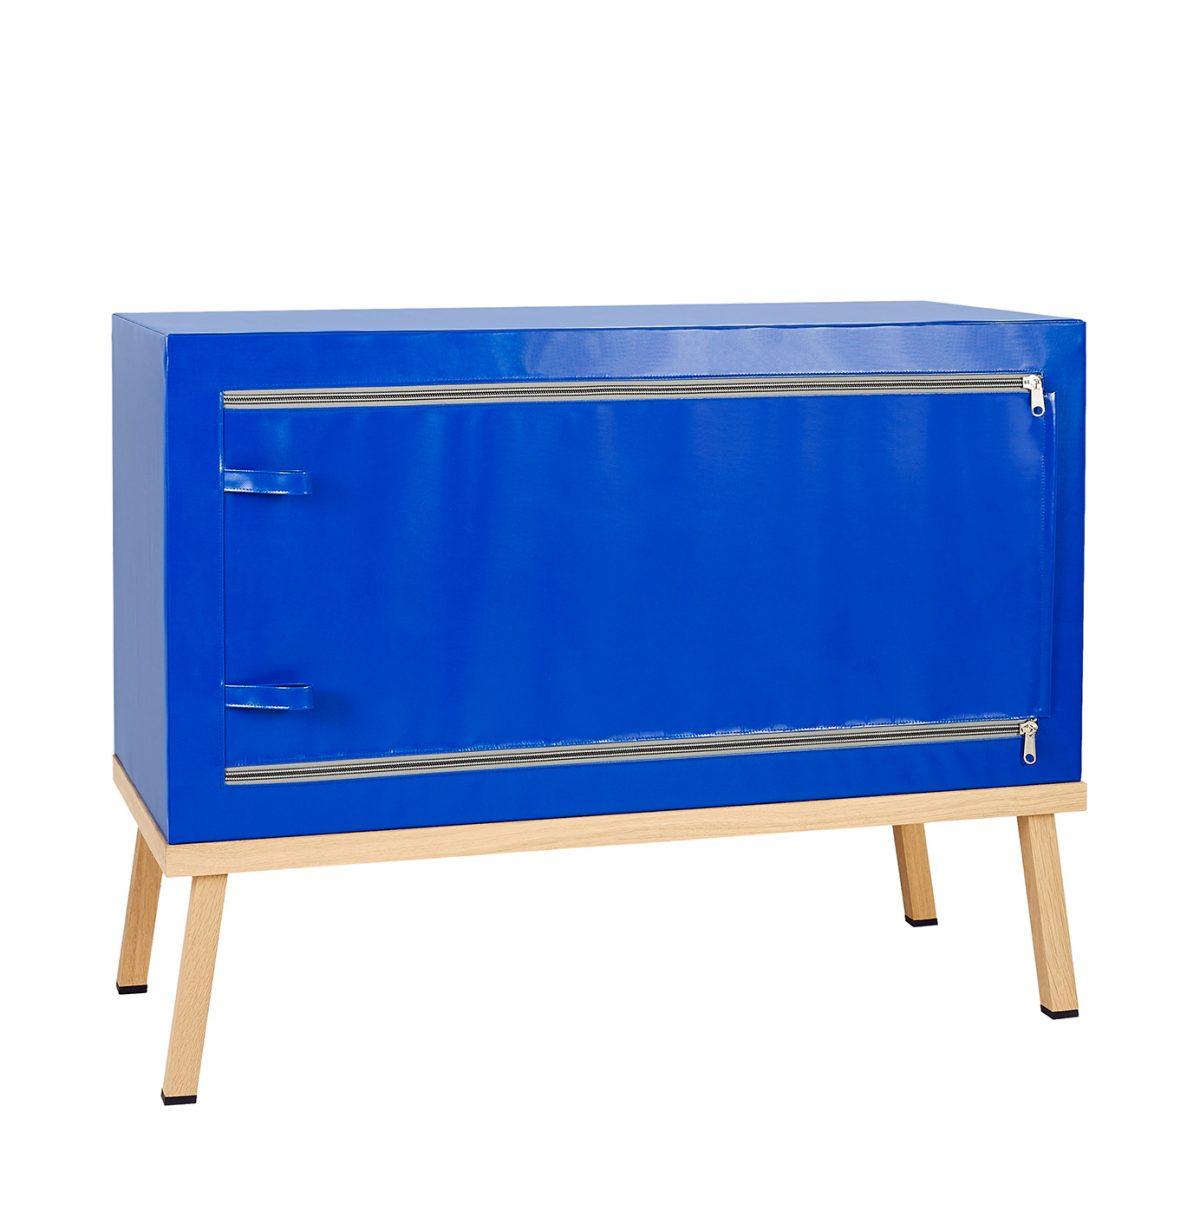 Visser&Meijwaard Dresser Credenza Kast Blauw Dutch Design Meubels